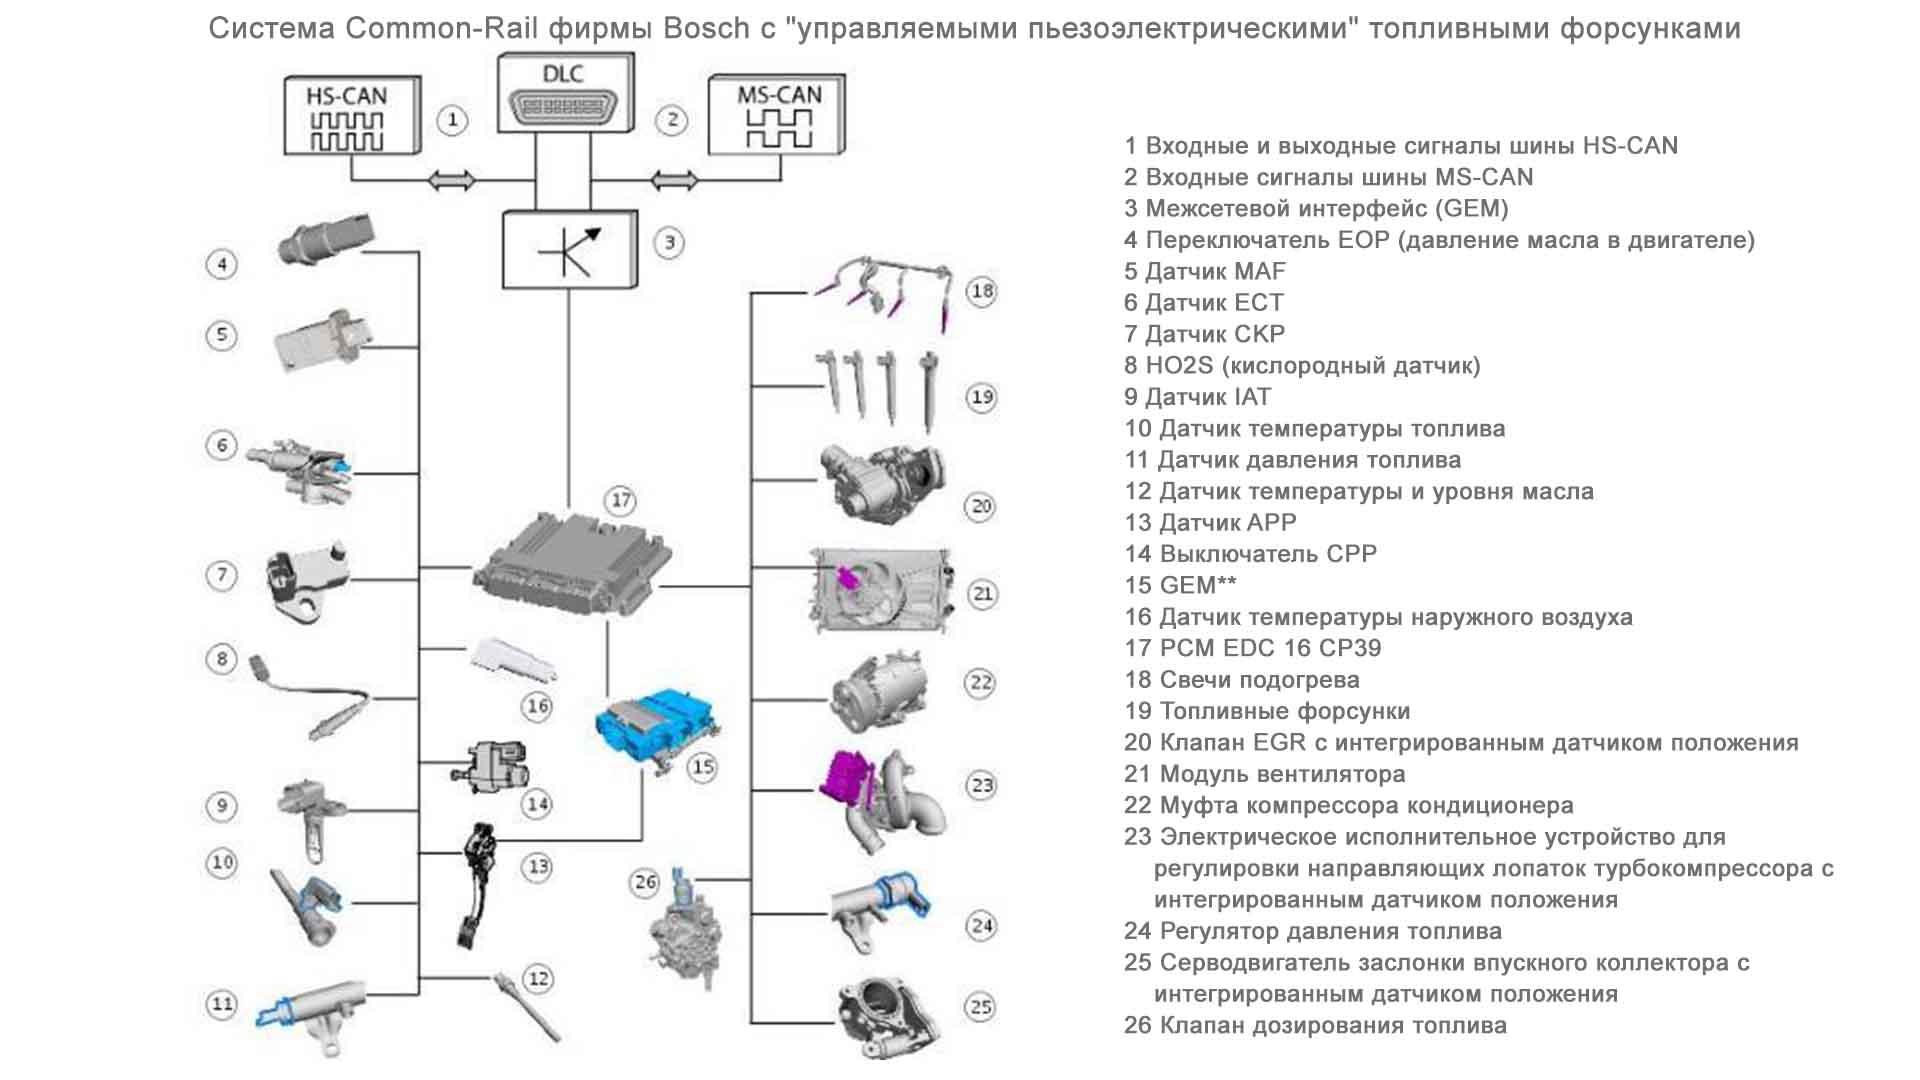 Детали системы